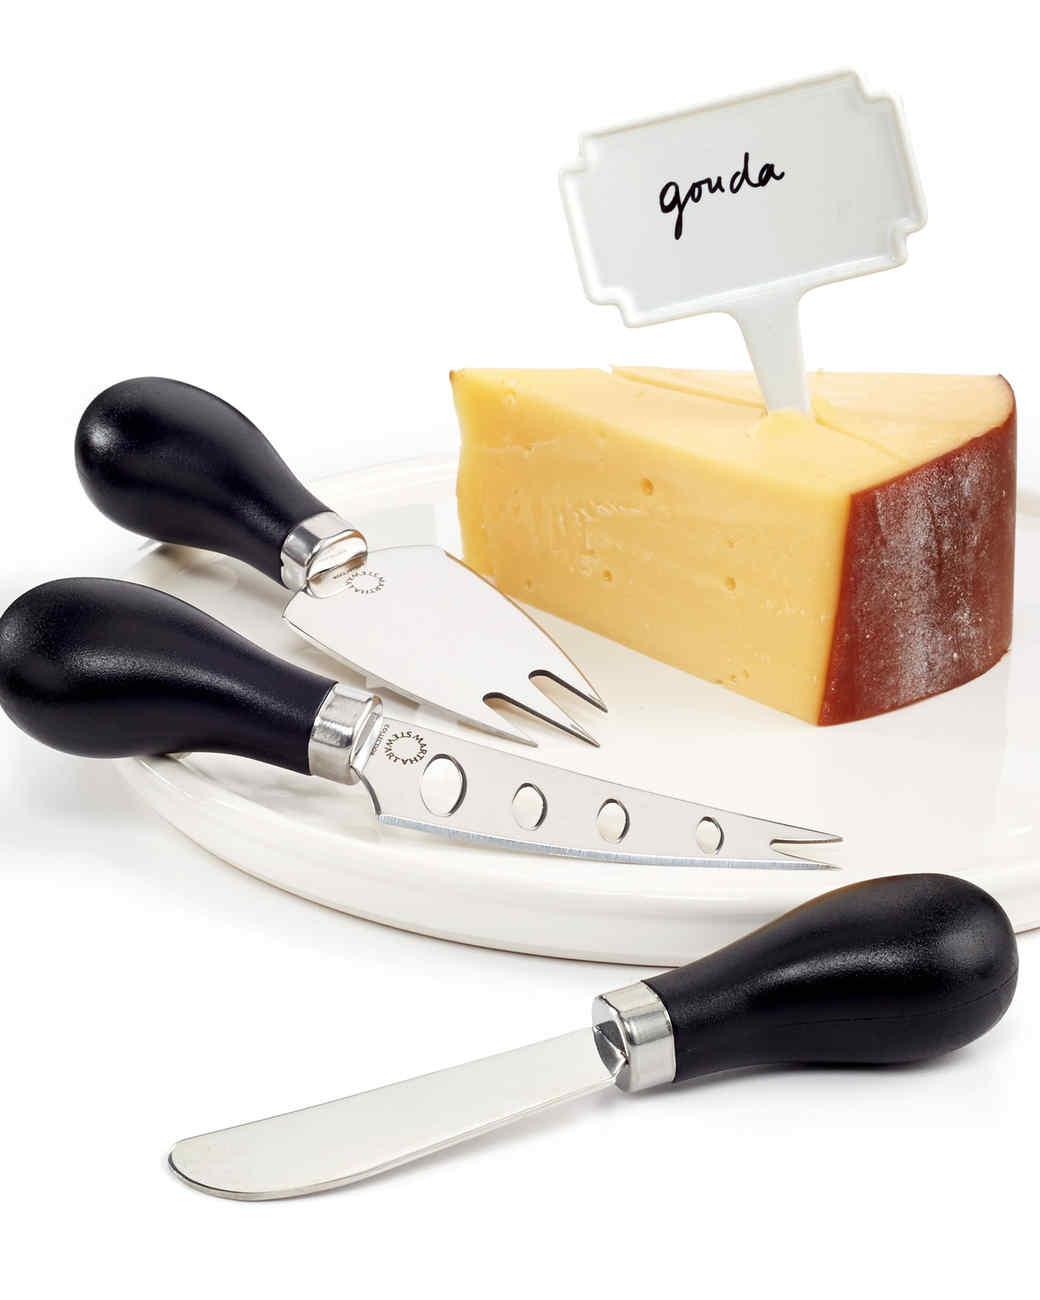 msmacys-giftguide-foodie-cheesetools-1114.jpg